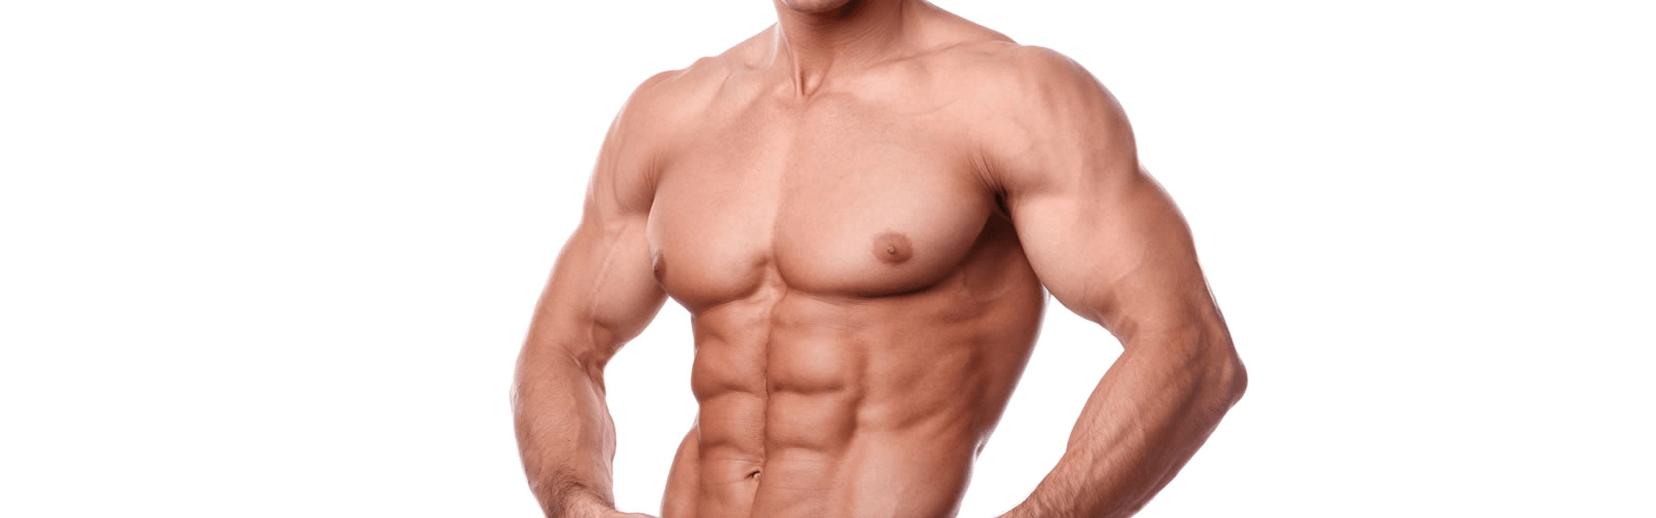 Erkekte Pektoral Protez Erkekler için göğüs protezleri